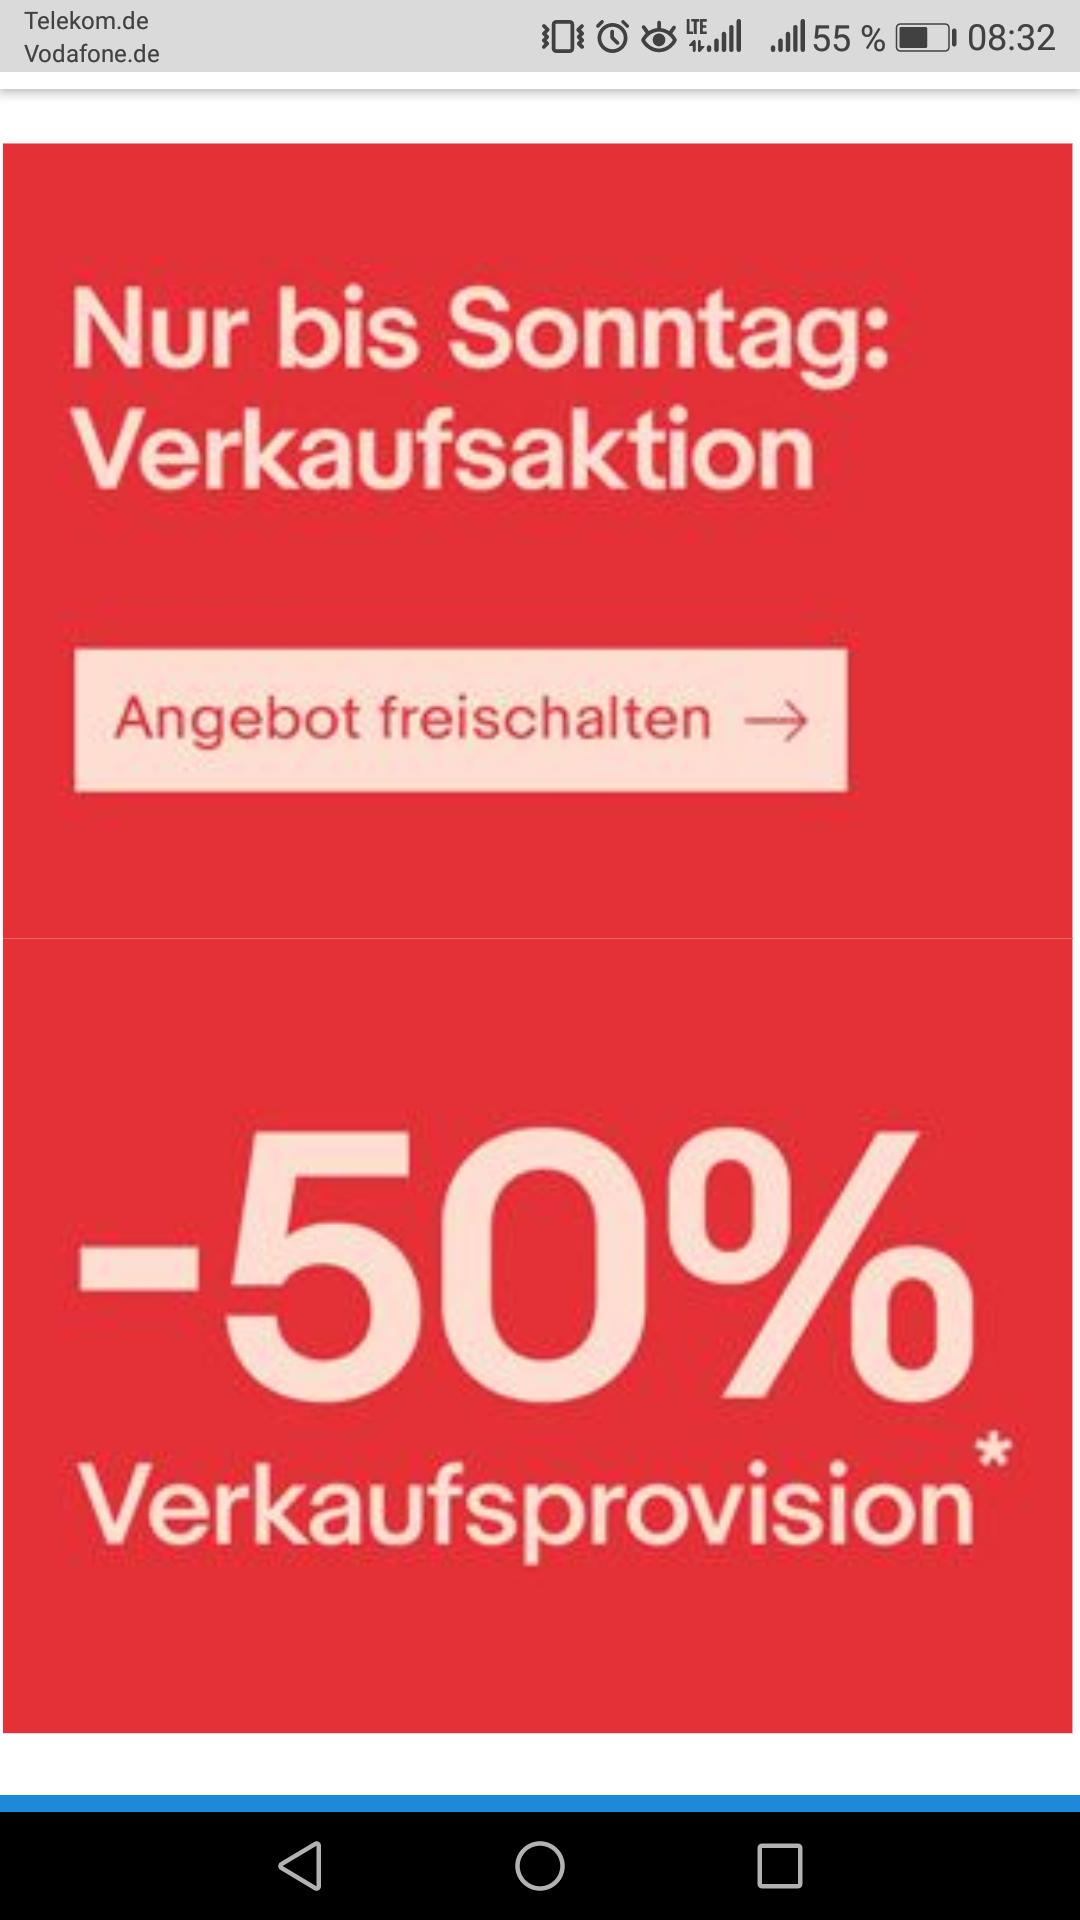 EBAY - 50% Verkaufsgebühren bis Sonntag 27.05.18 / ausgewählte Konten